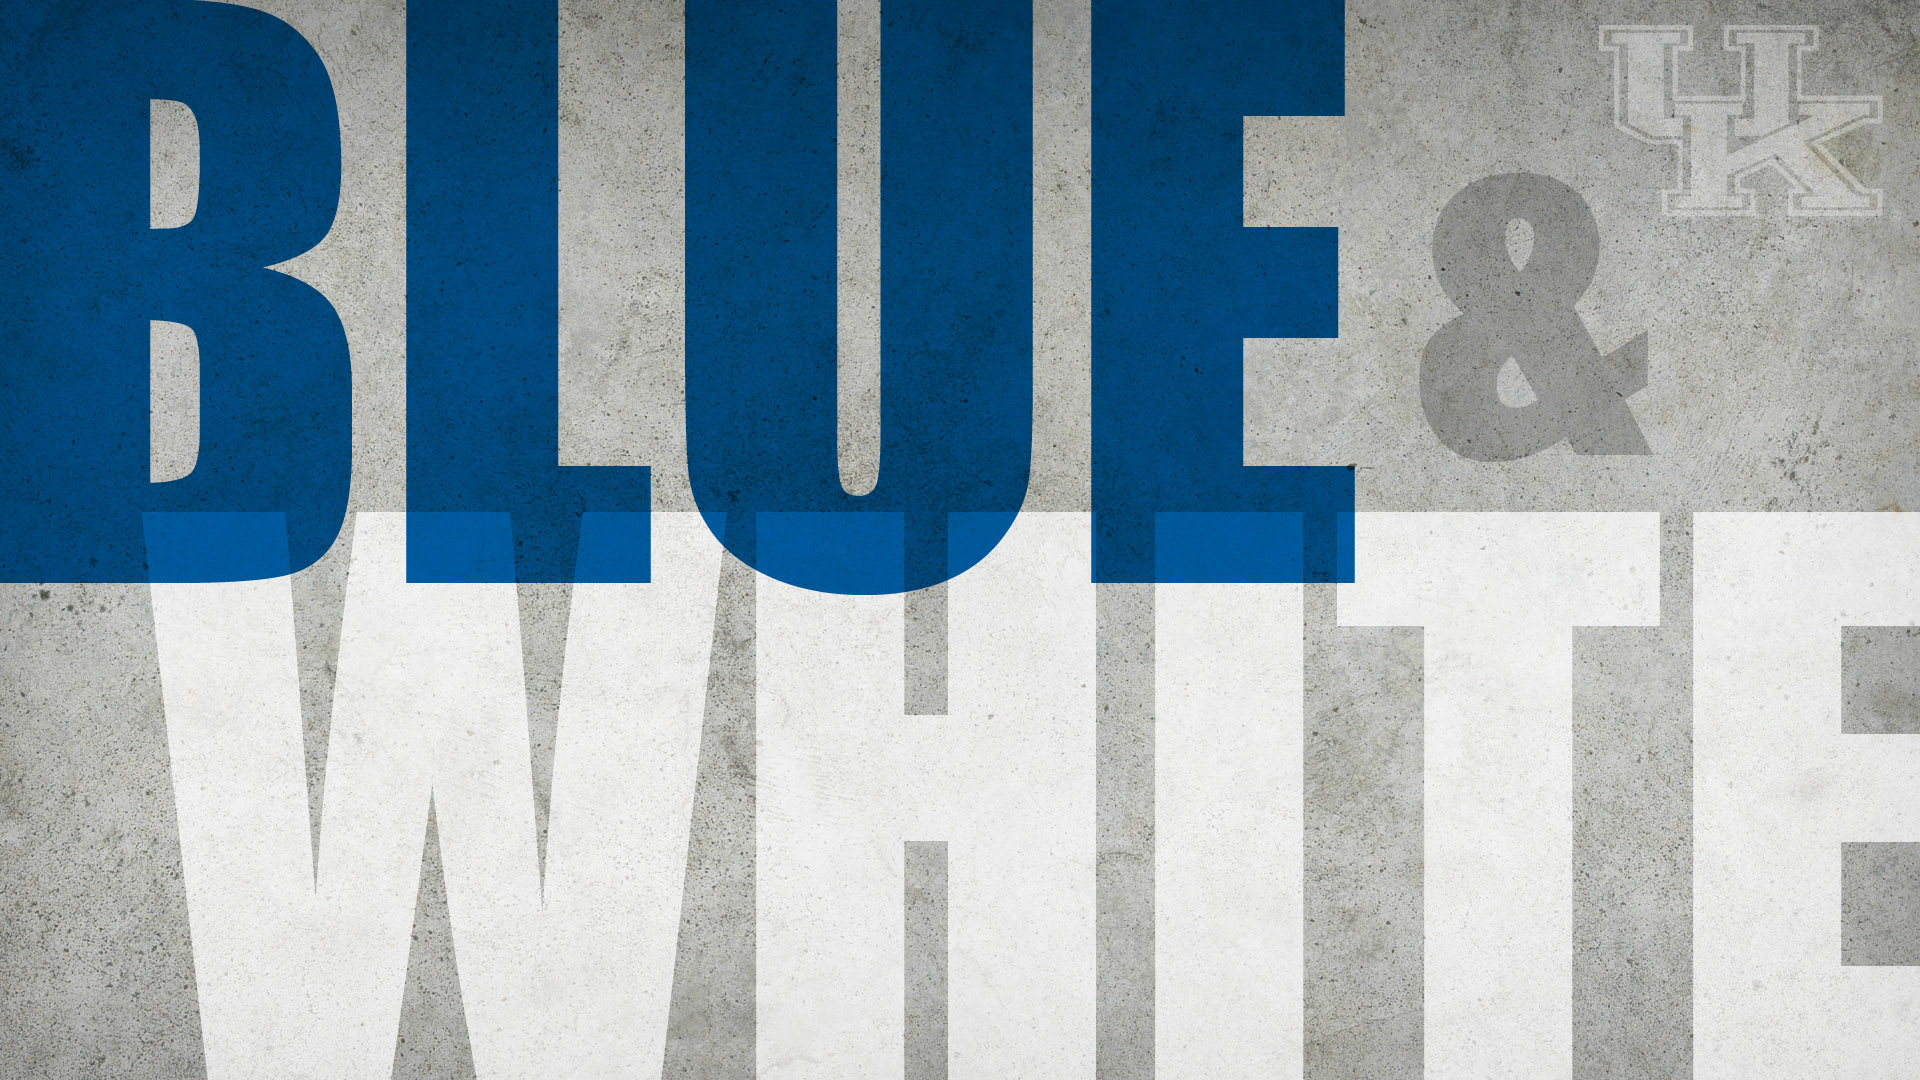 Blue White 1920x1080